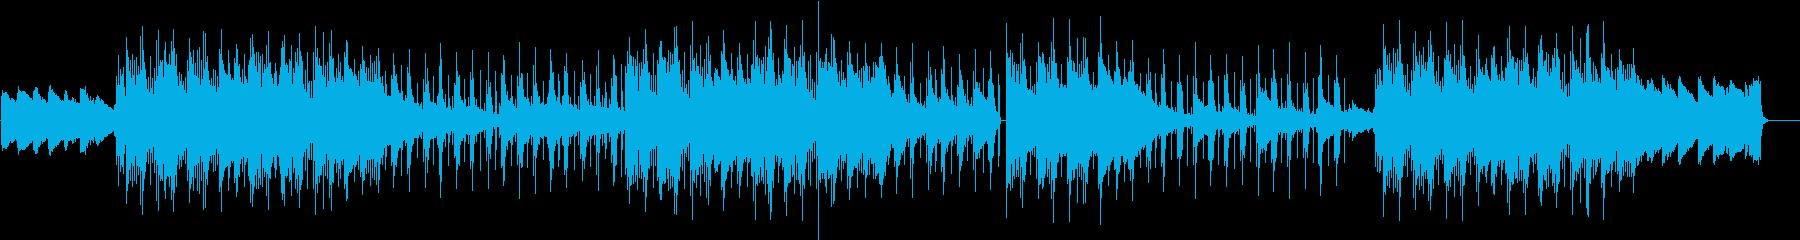 しっとり切ないチルアウトの再生済みの波形